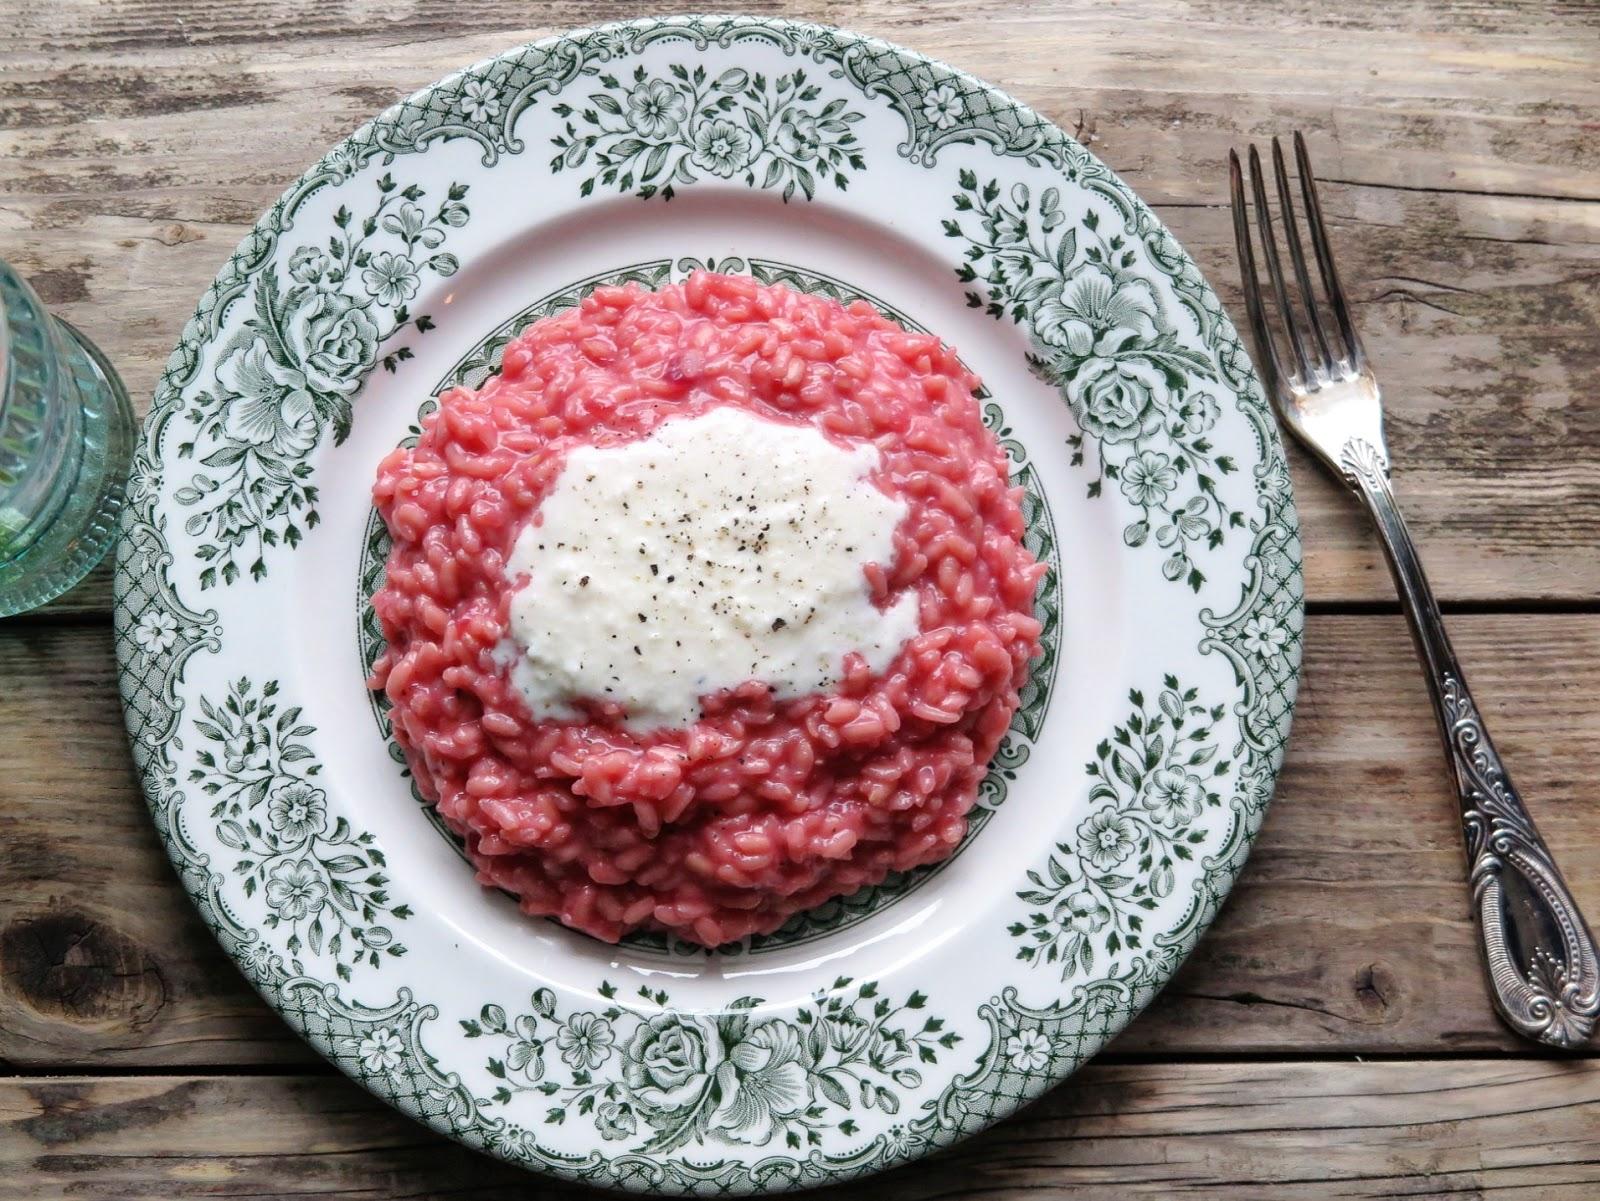 Risotto alla barbabietola rossa con fonduta di taleggio for Cucinare barbabietole